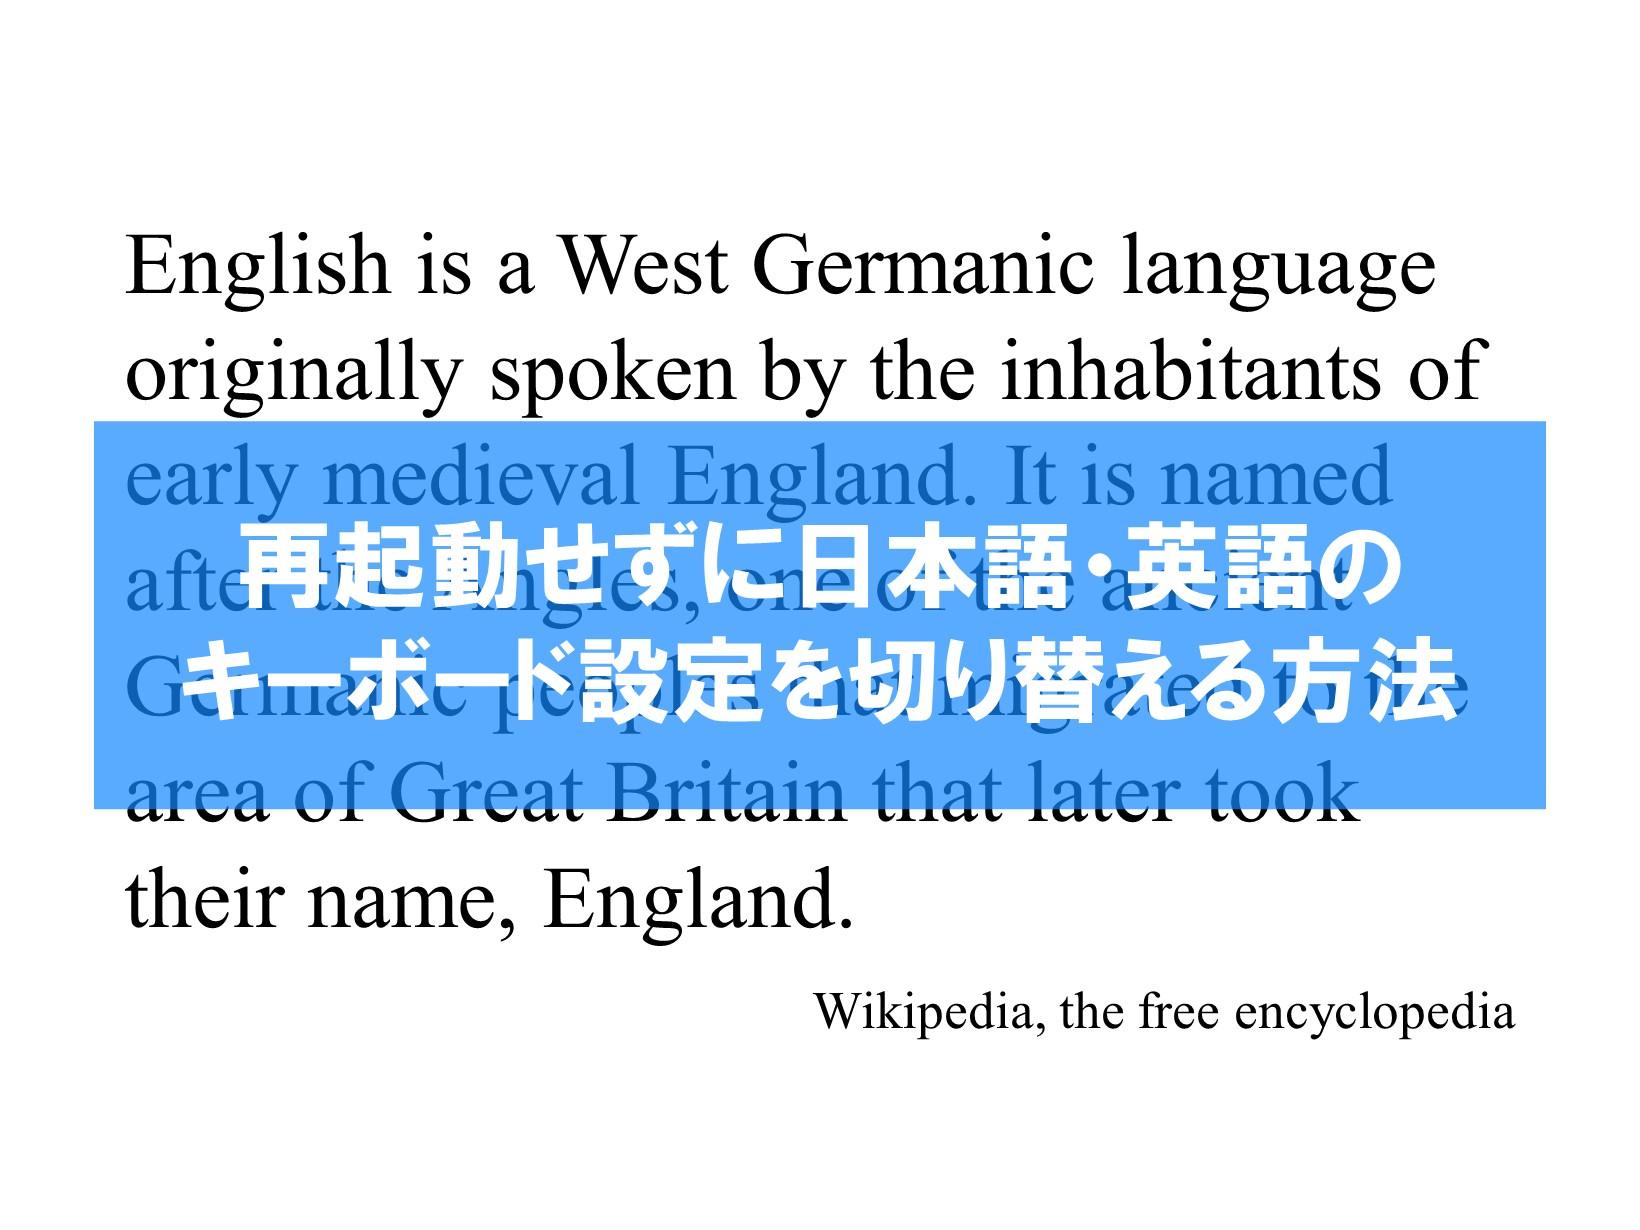 再起動せずに日本語・英語のキーボード設定を切り替える方法